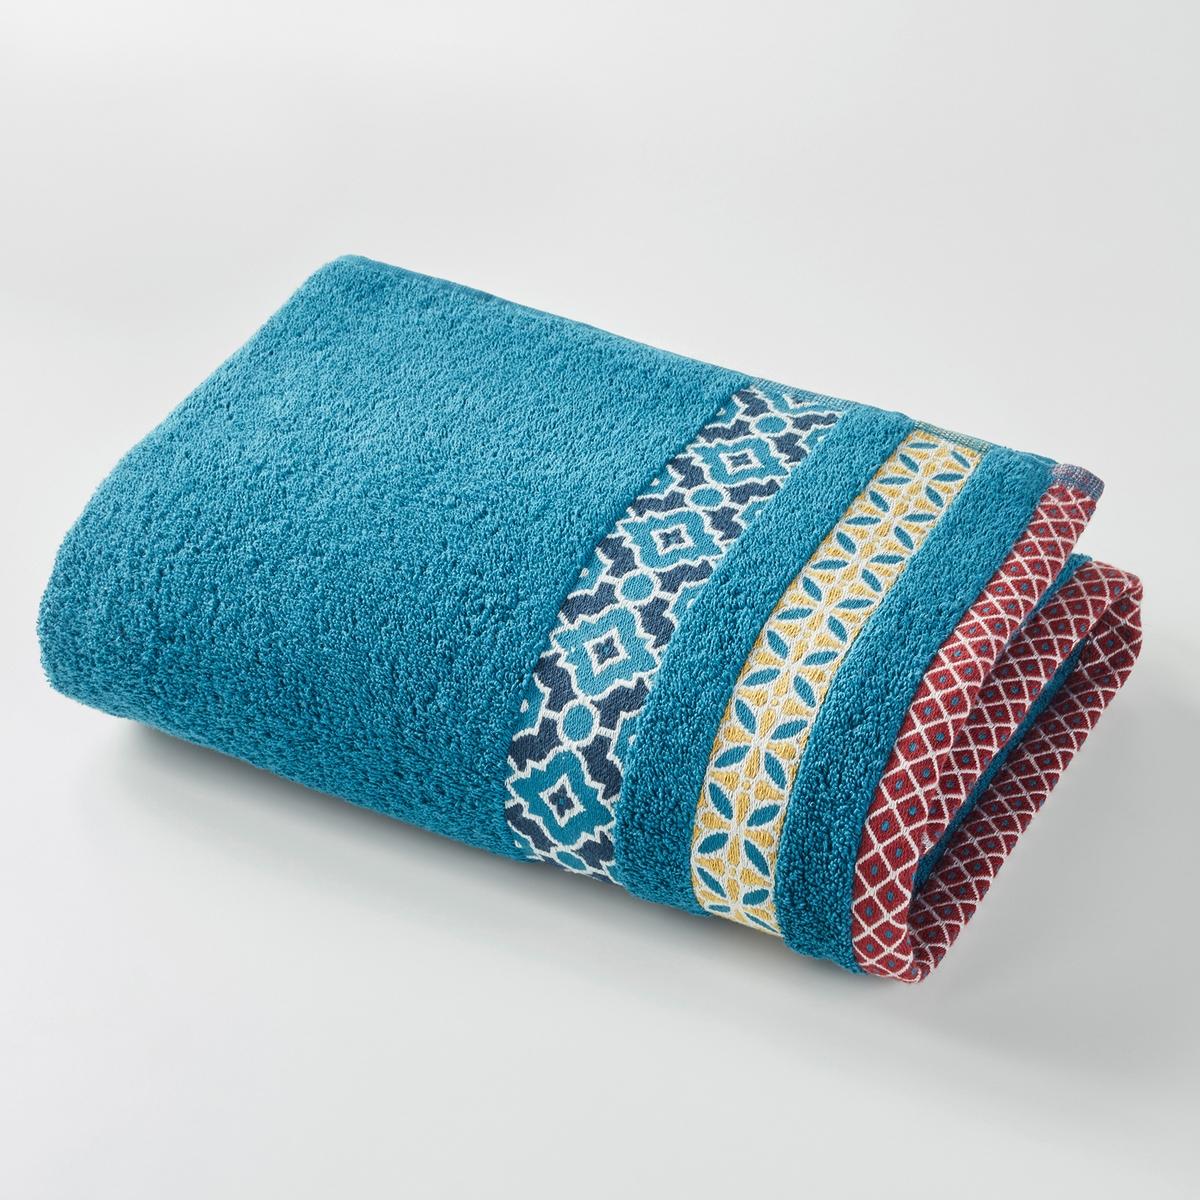 Полотенце La Redoute Для рук из махровой ткани хлопок EVORA 50 x 100 см синий комплект из полотенце для la redoute рук из хлопка и льна nipaly 50 x 100 см белый